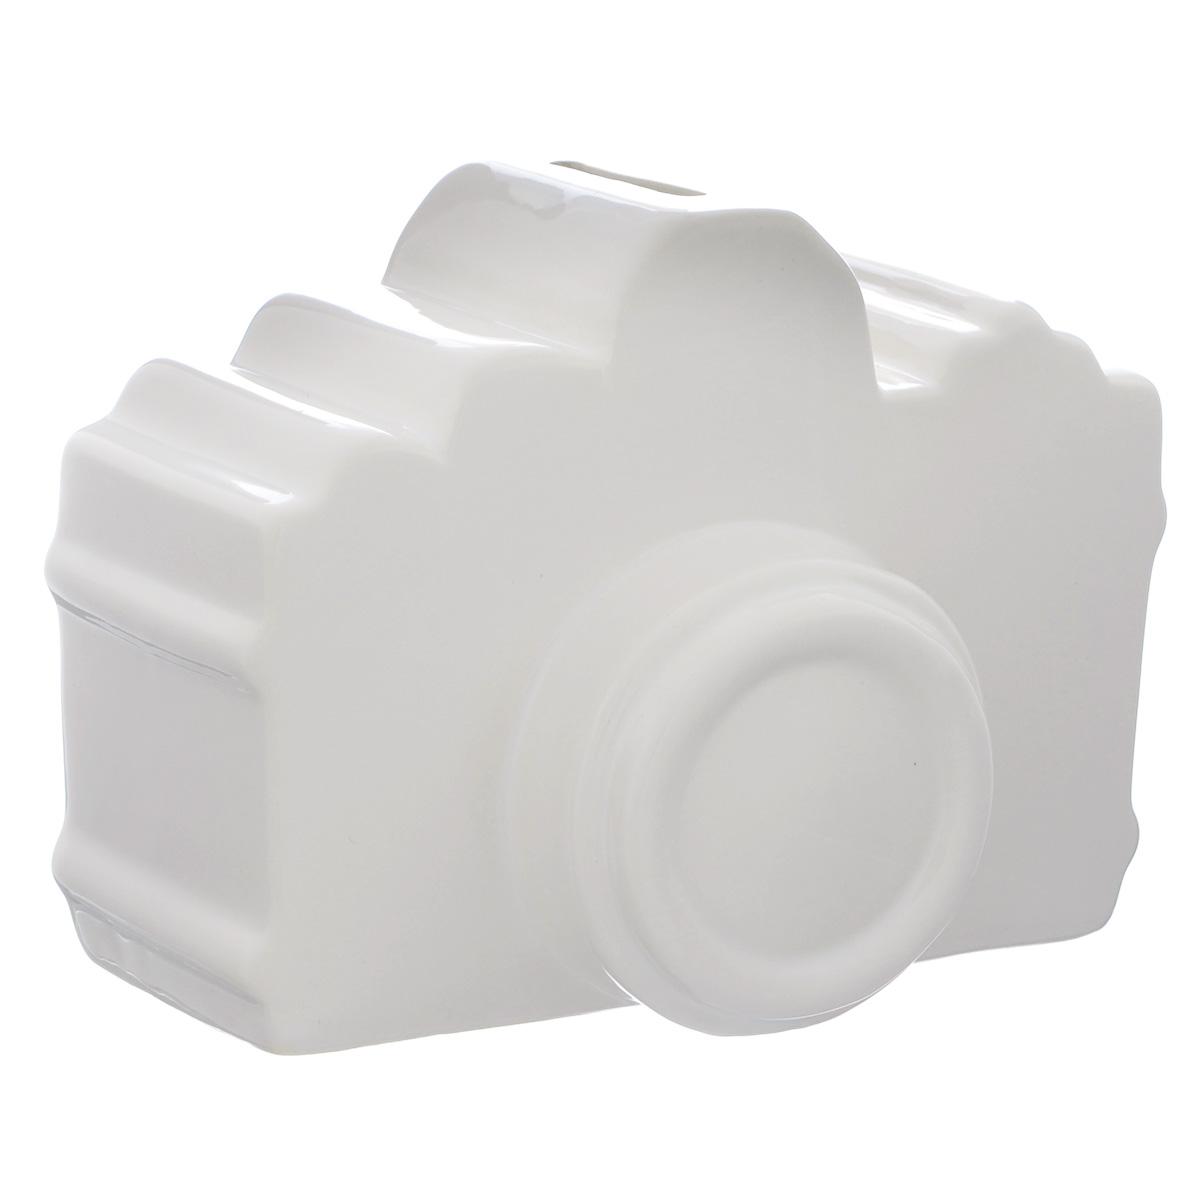 Копилка декоративная Фотоаппарат, цвет: белый36448Декоративная копилка Фотоаппарат изготовлена из доломитовой керамики. Яркий оригинальный дизайн сделает такую копилку прекрасным подарком. Она послужит не только по своему прямому назначению, но и красиво дополнит интерьер комнаты.